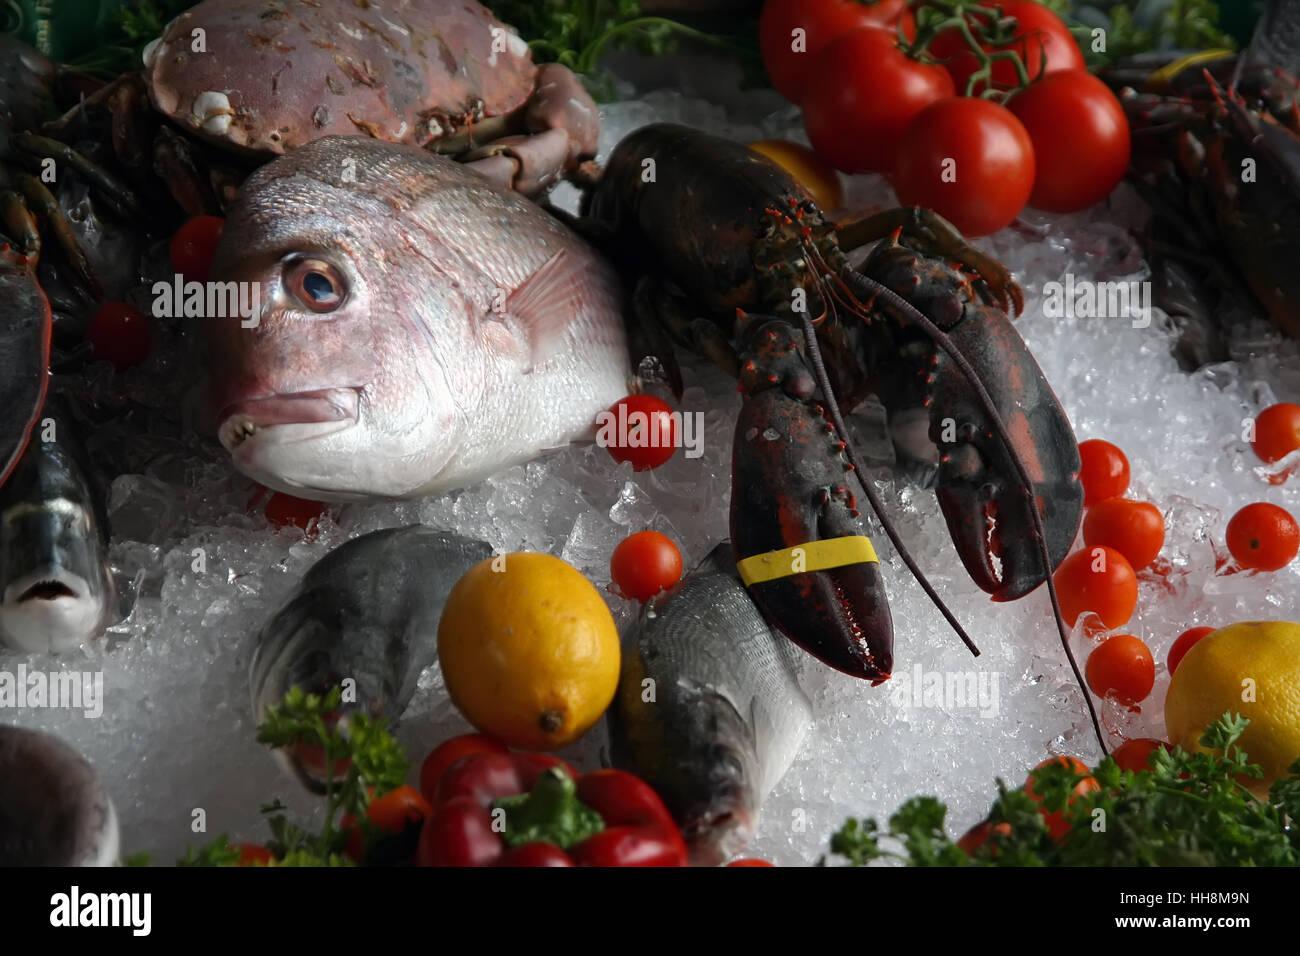 Meeresfrüchte auf einem Markt. Meeresfrüchte auf Eis. Stockbild